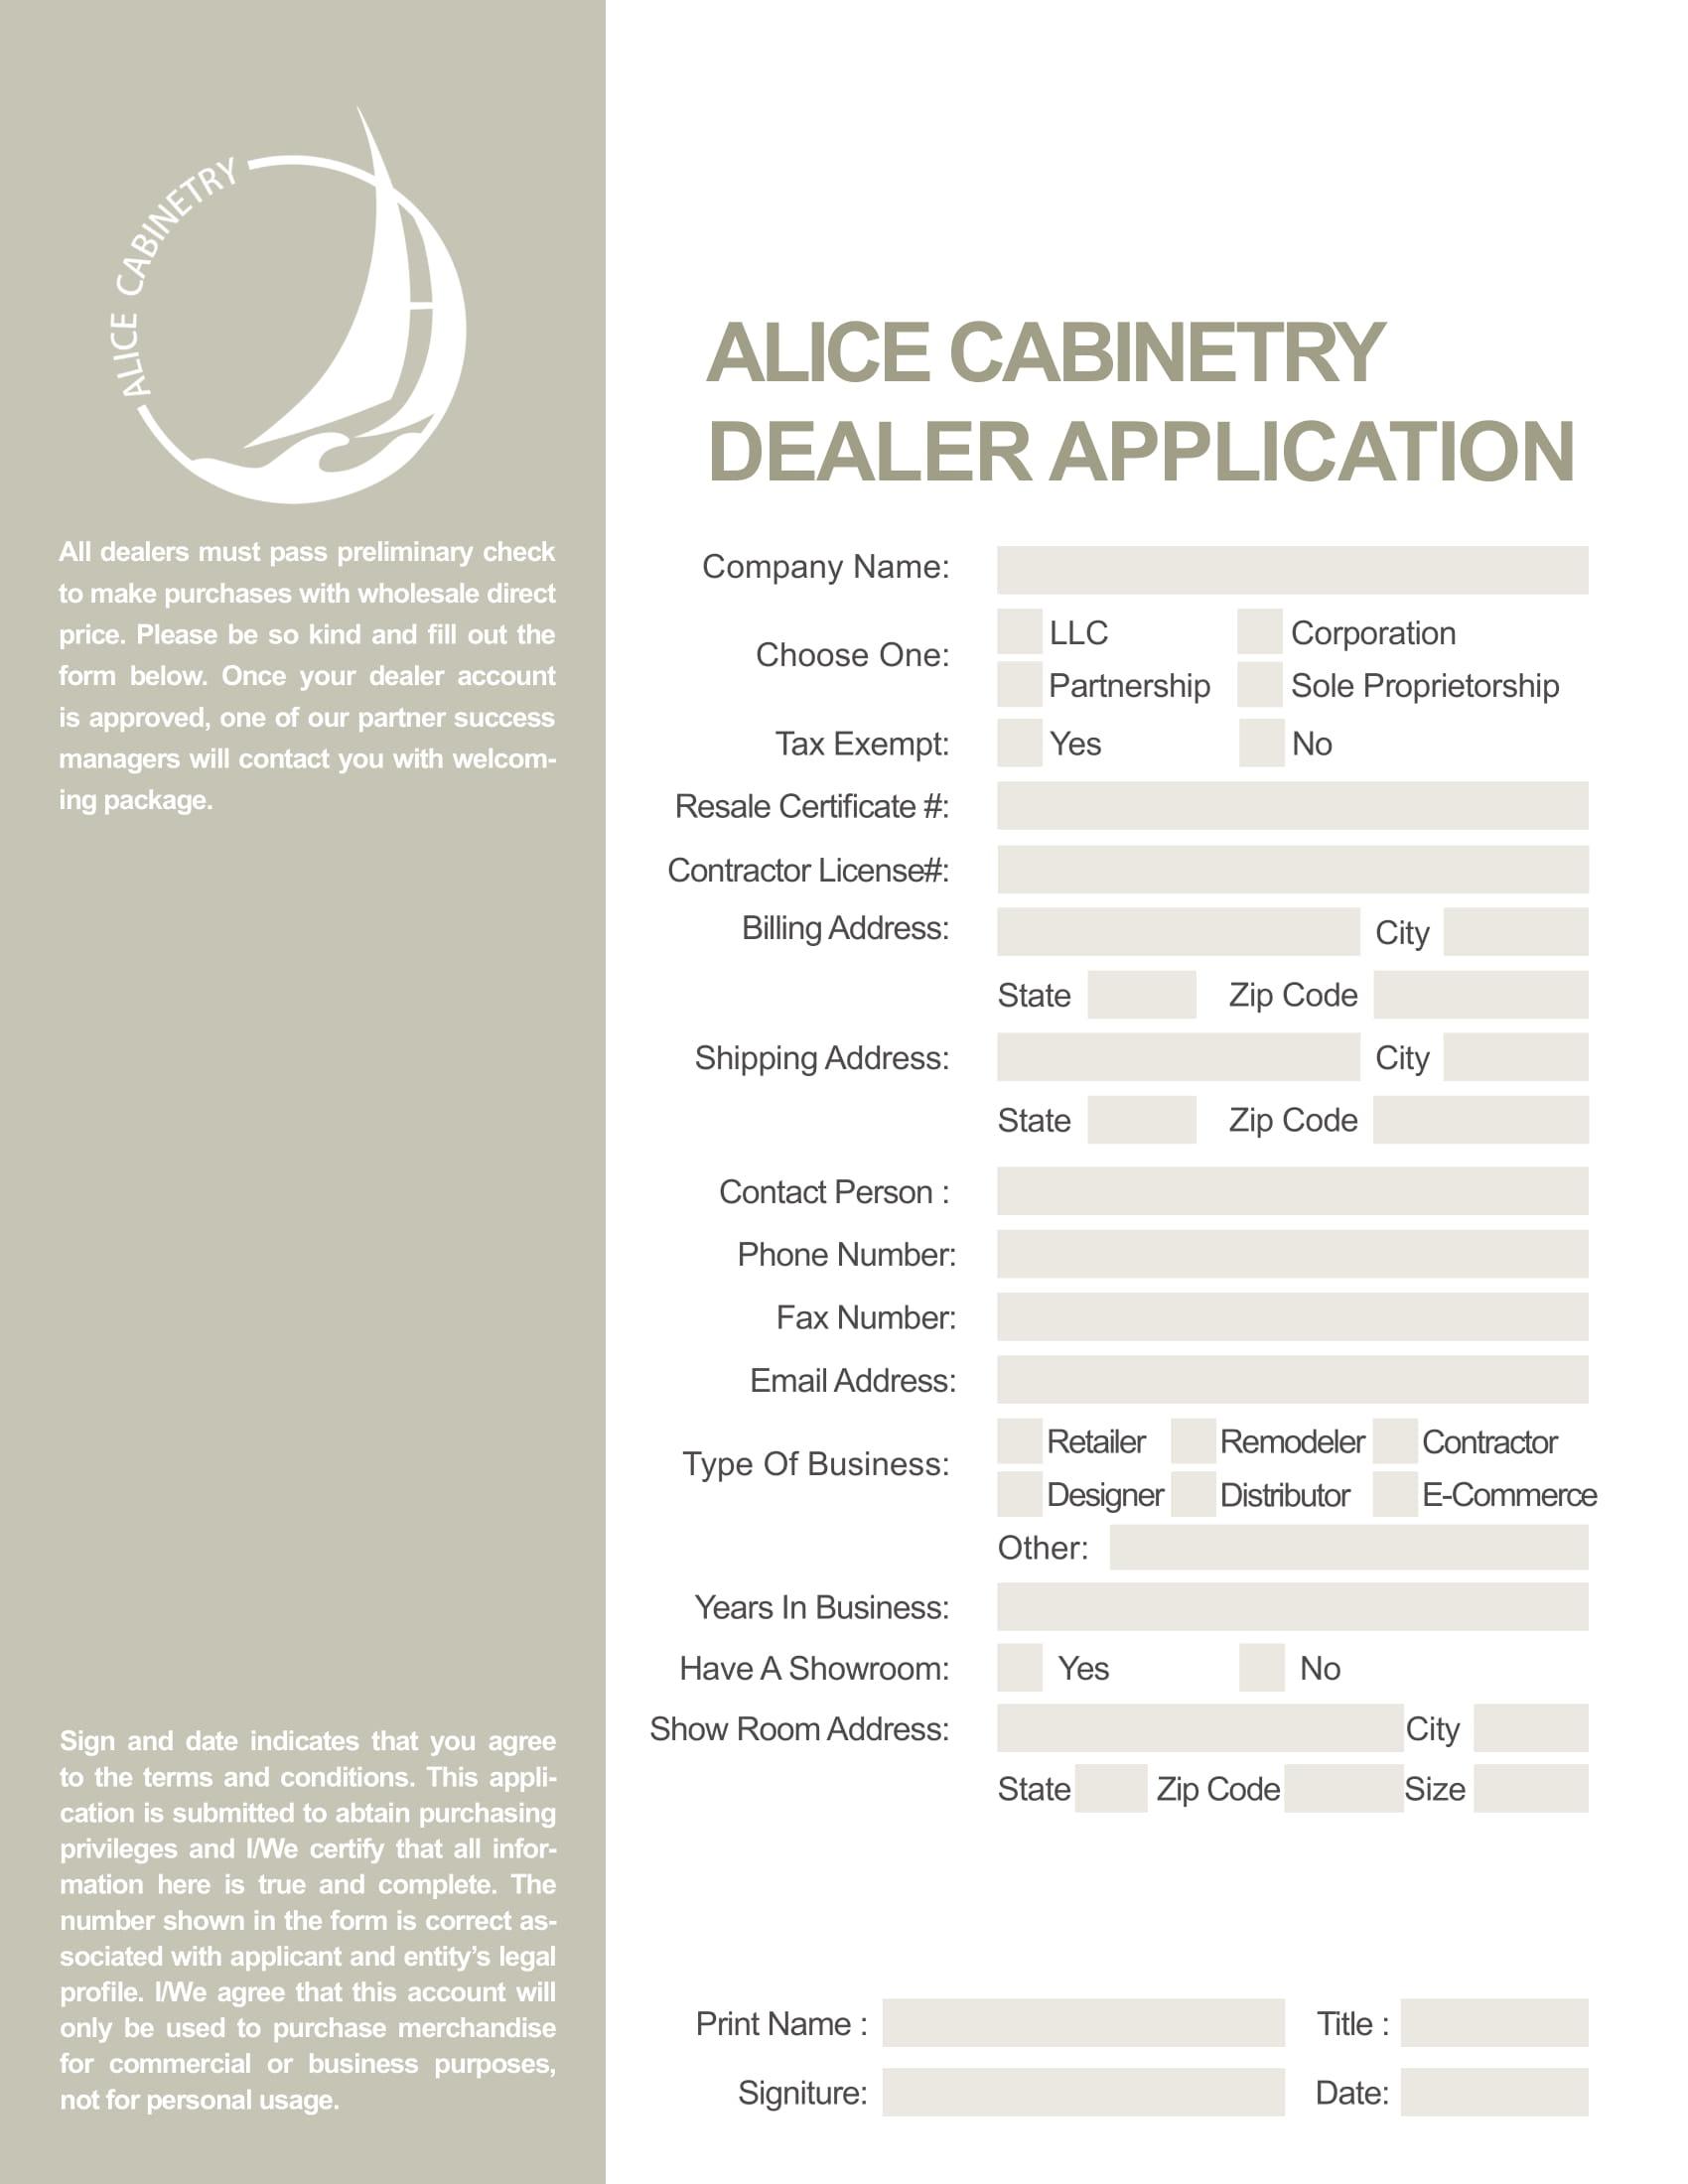 dealer application form